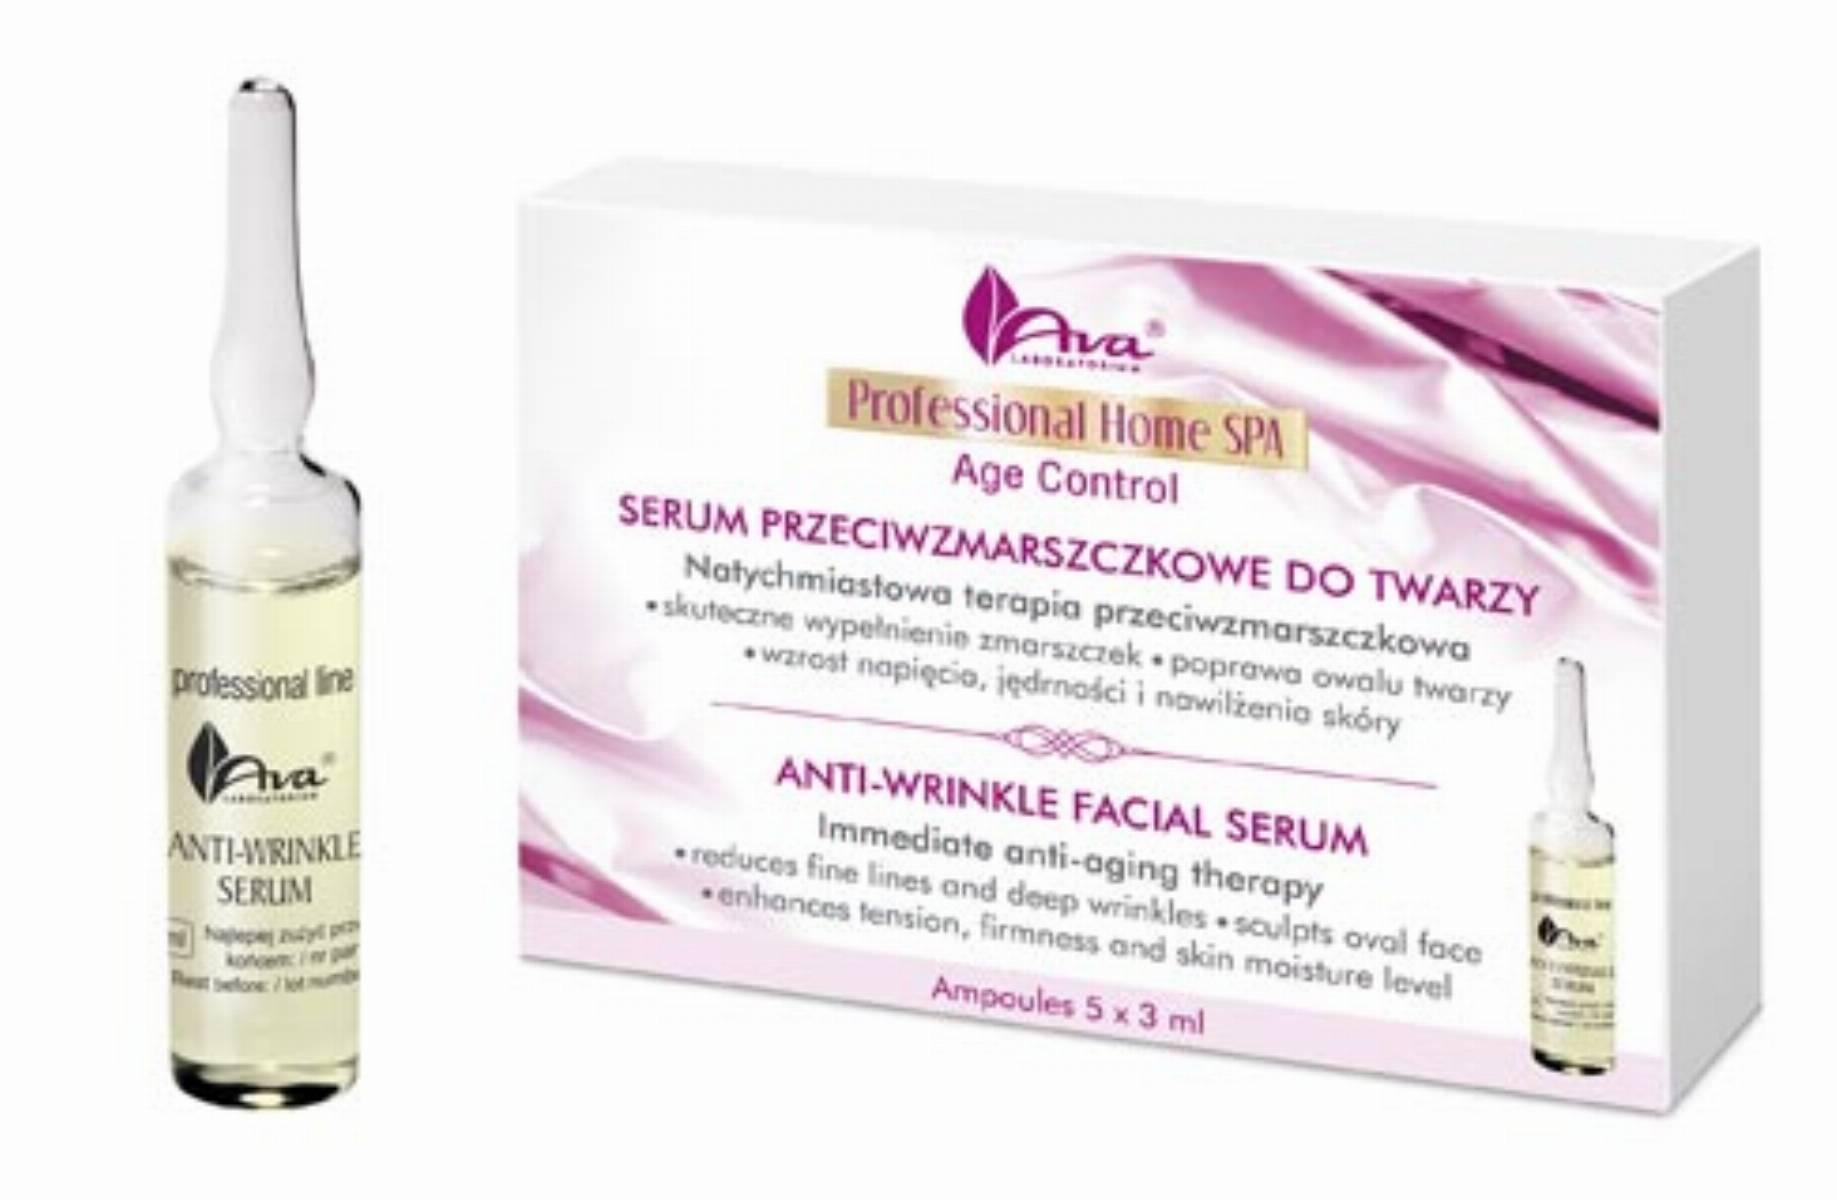 Ava - Serum z przeciwzmarszczkowe Professional Home SPA